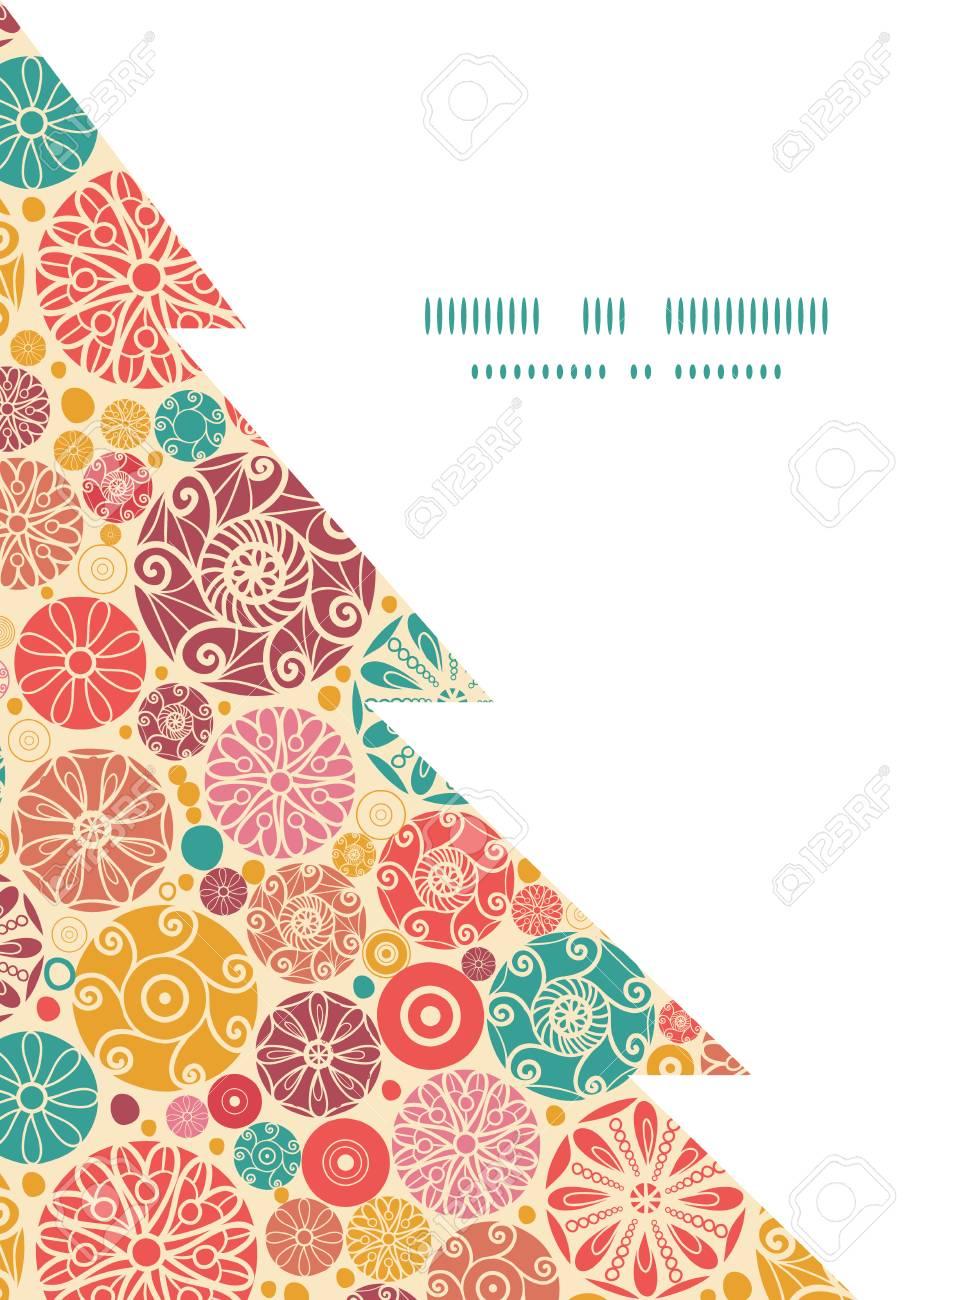 Vector Abstracto Círculos Decorativos Plantilla De Tarjeta De Marco ...